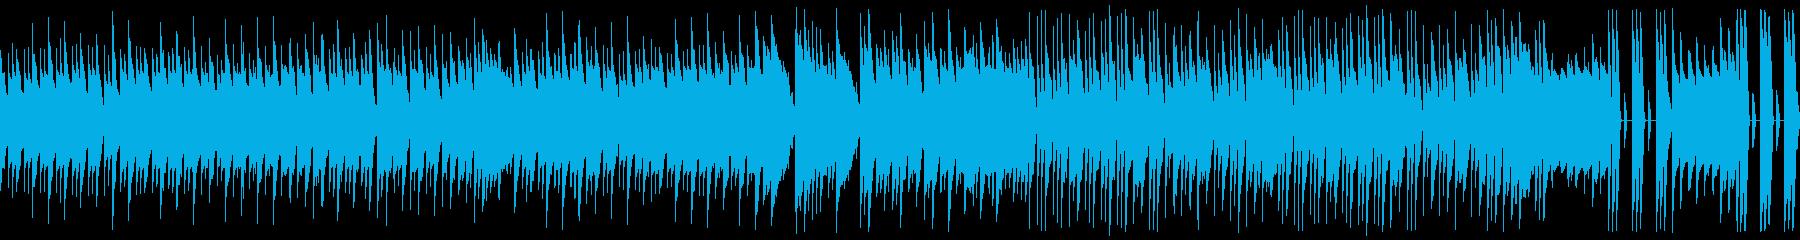 レトロゲーム:定番のカッコいい系:ループの再生済みの波形